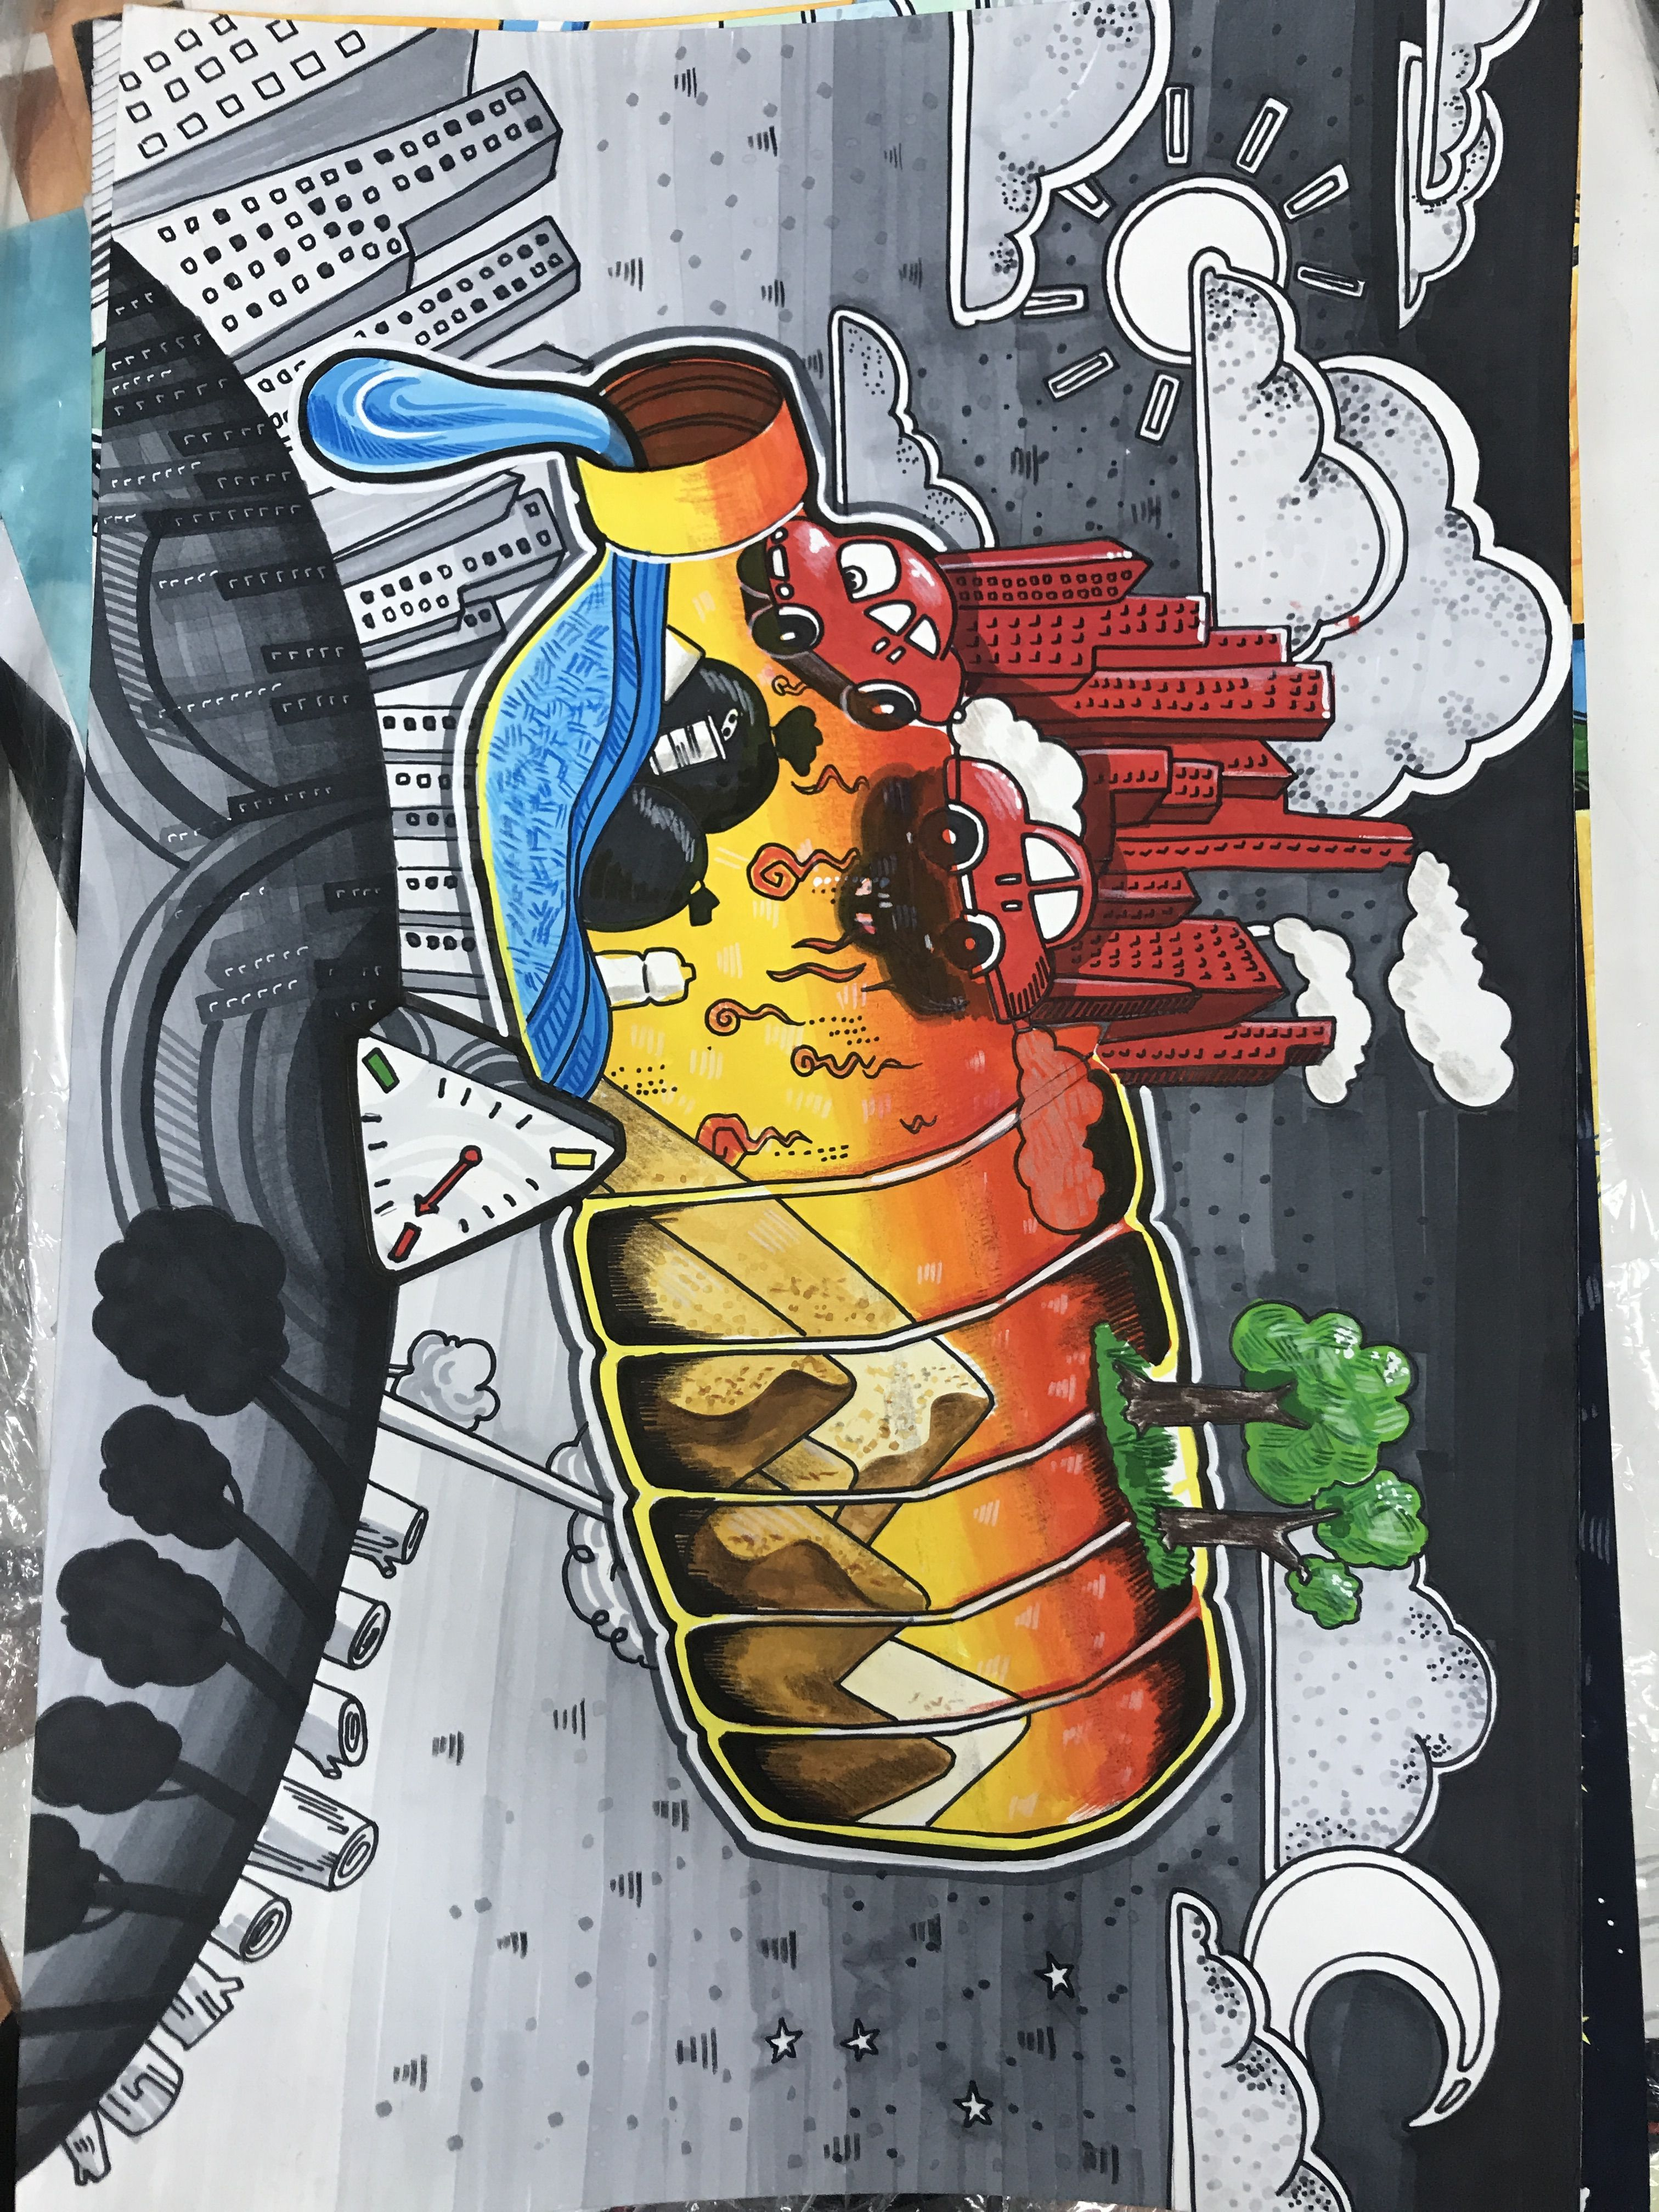 Pin By Raisahmatina On Seni Environmental Art Environment Painting Save Water Poster Drawing